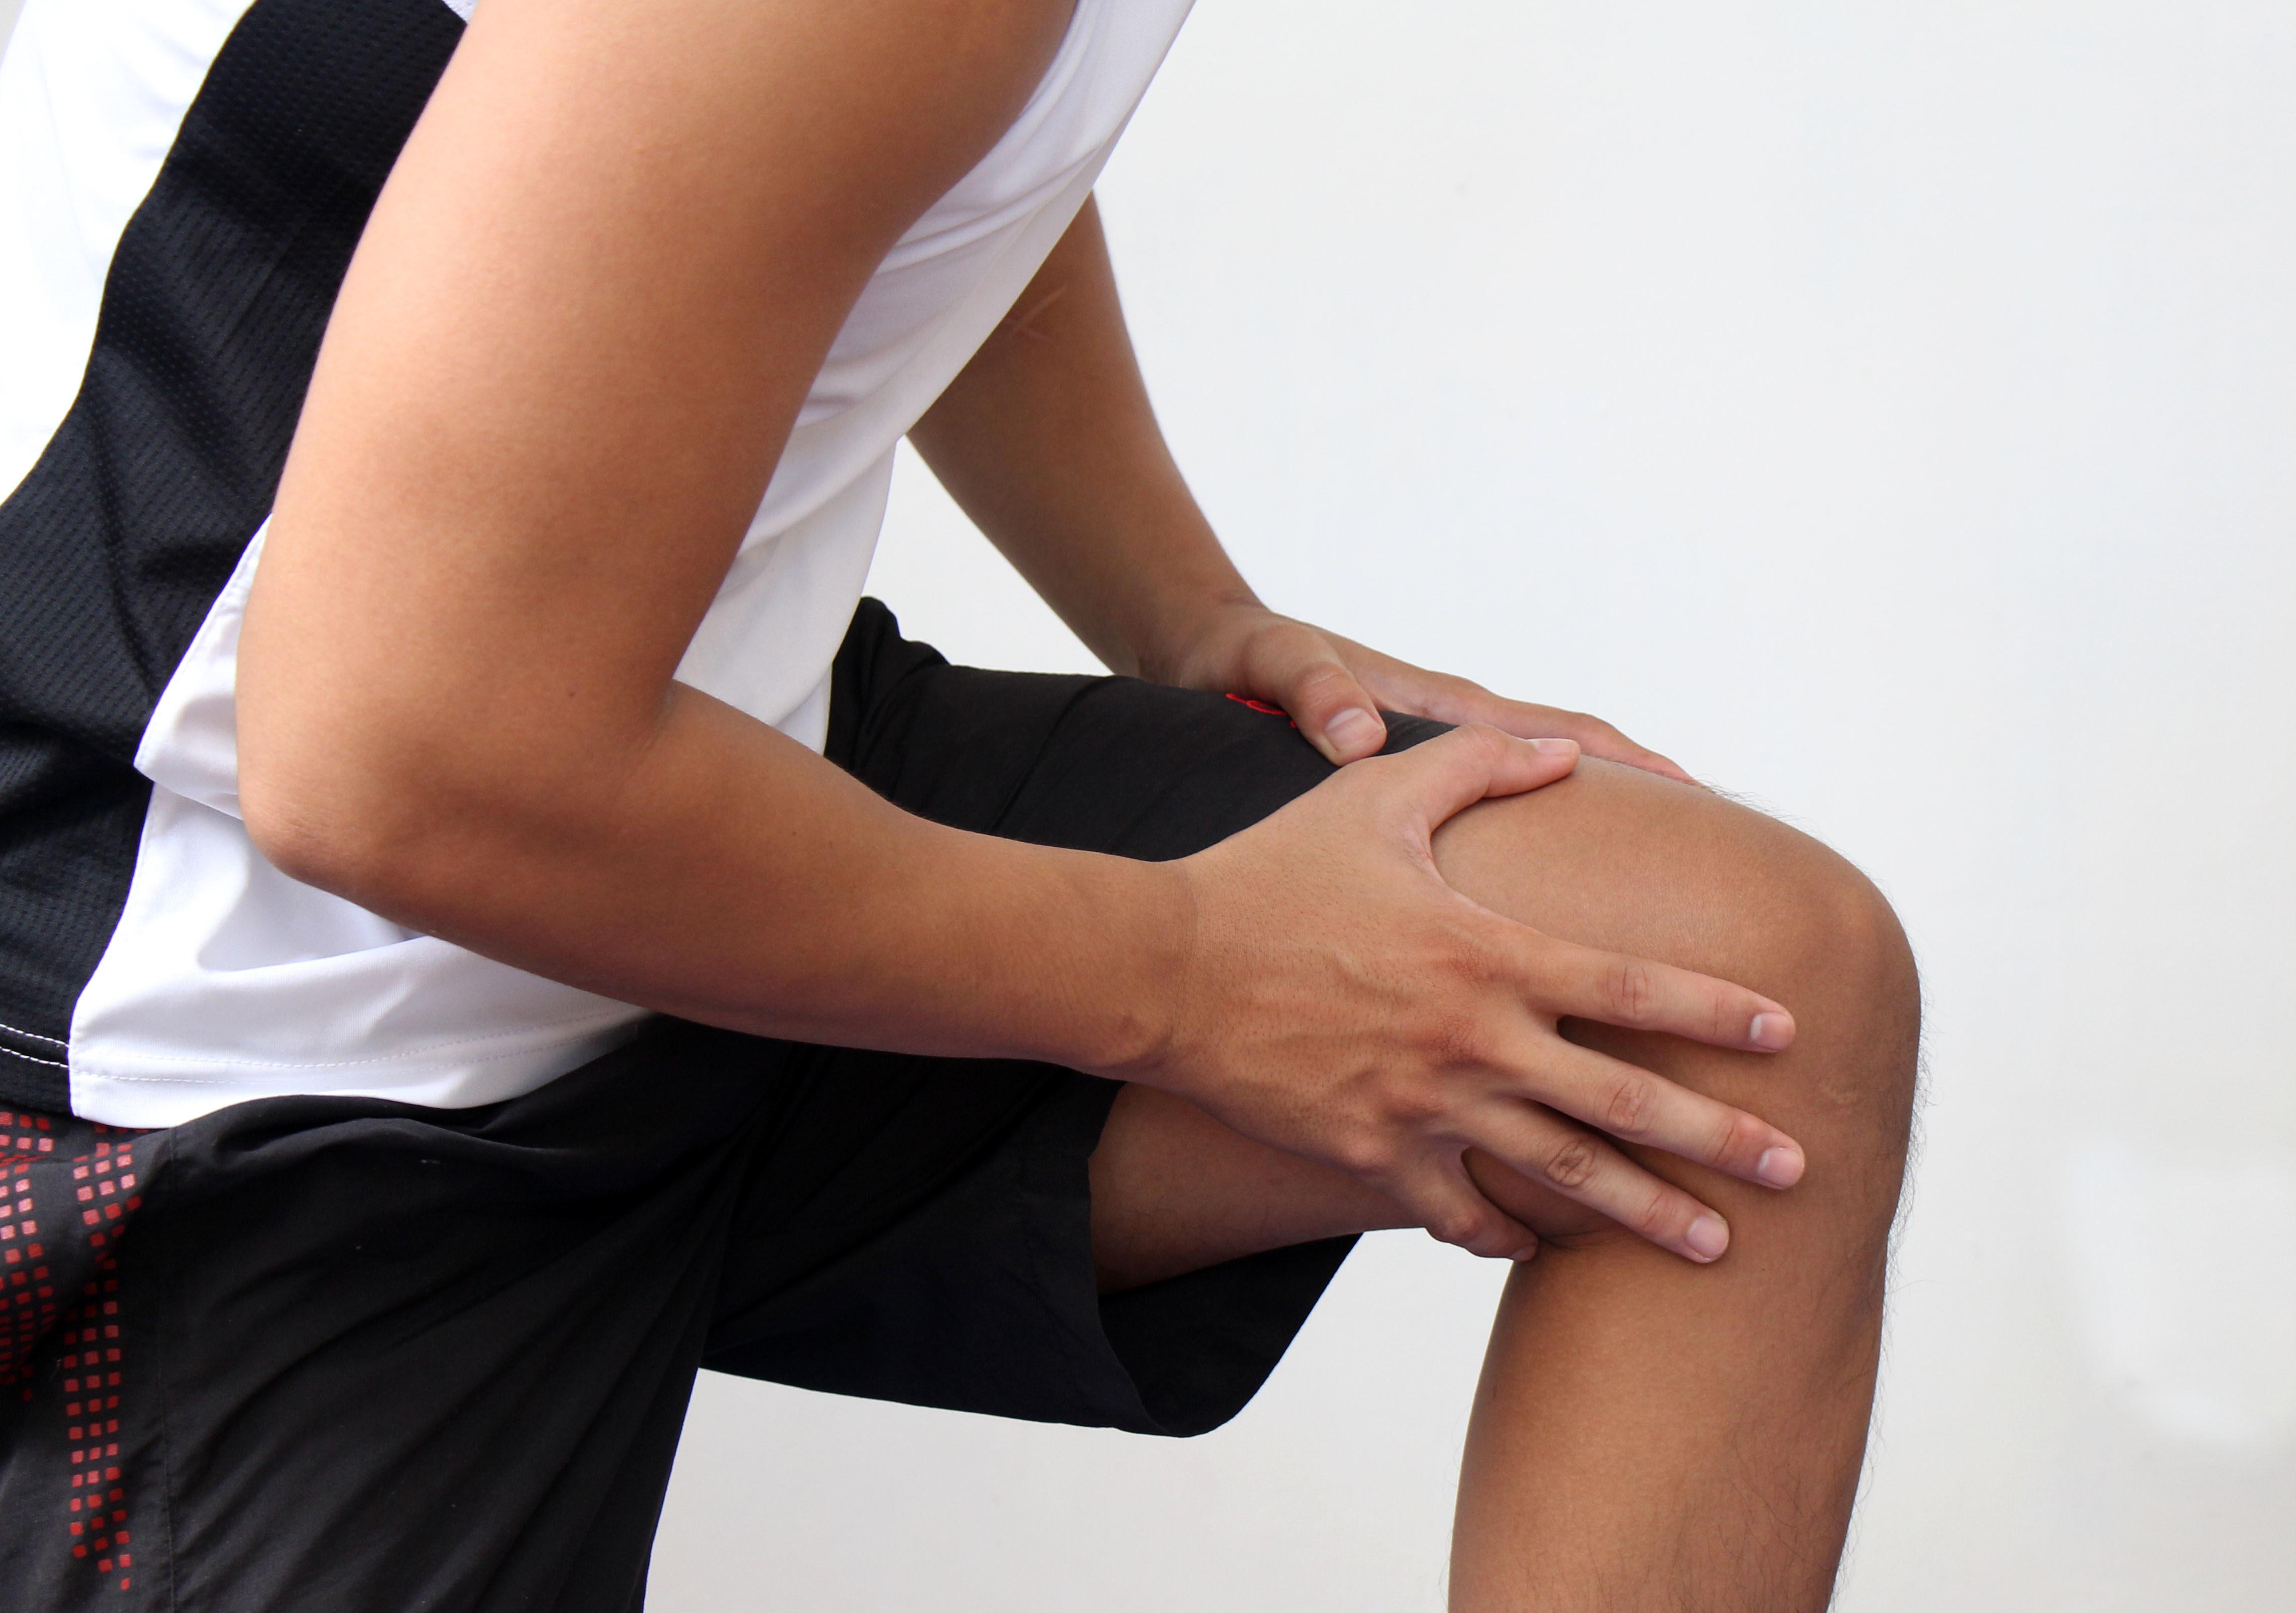 ジャンパー膝の施術